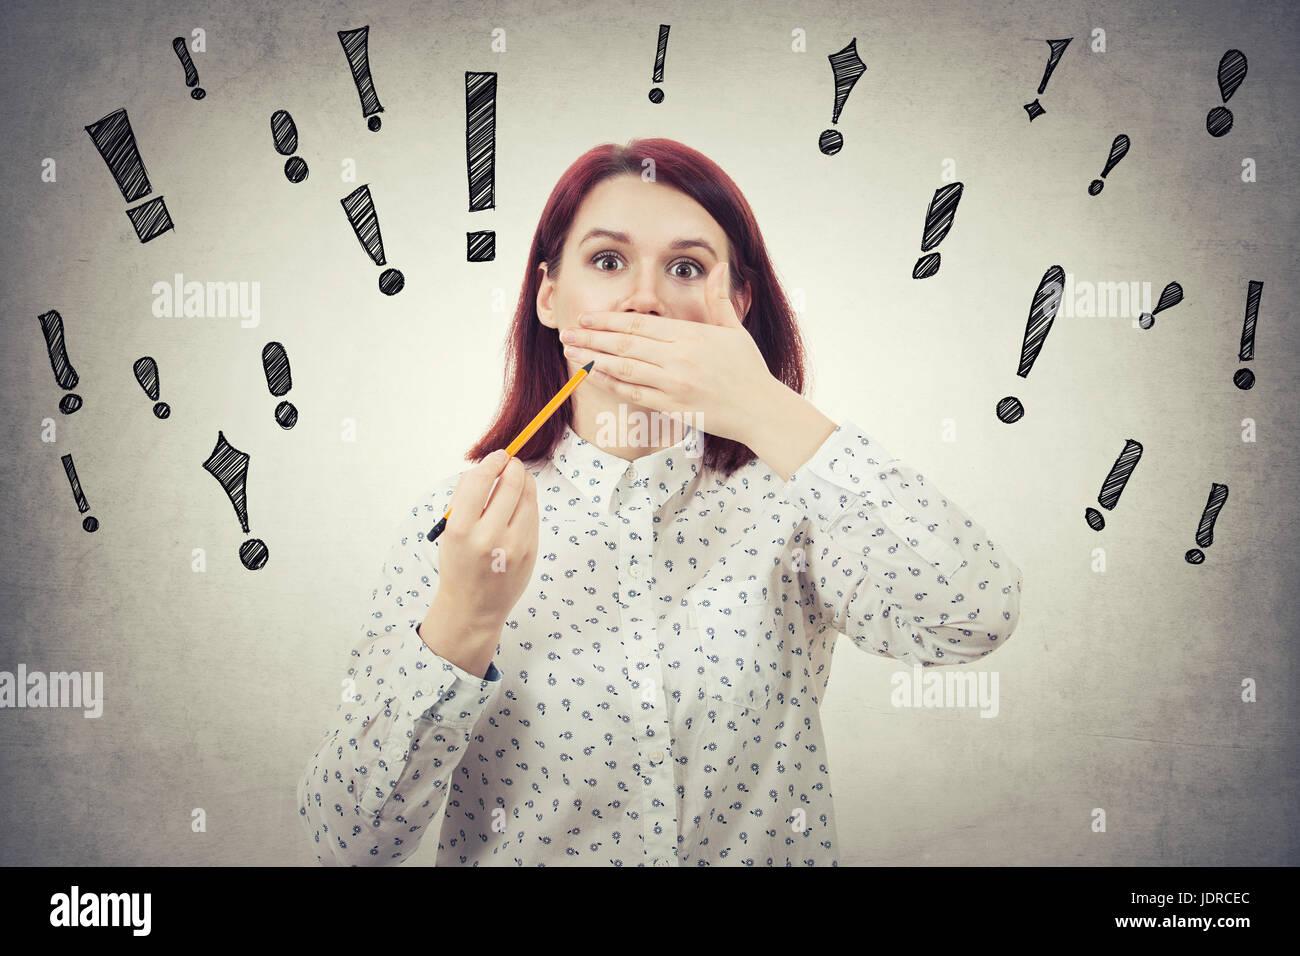 Choqué et jeune fille timide couvrant sa bouche avec la main essaie de cacher, comme expression du visage après Photo Stock